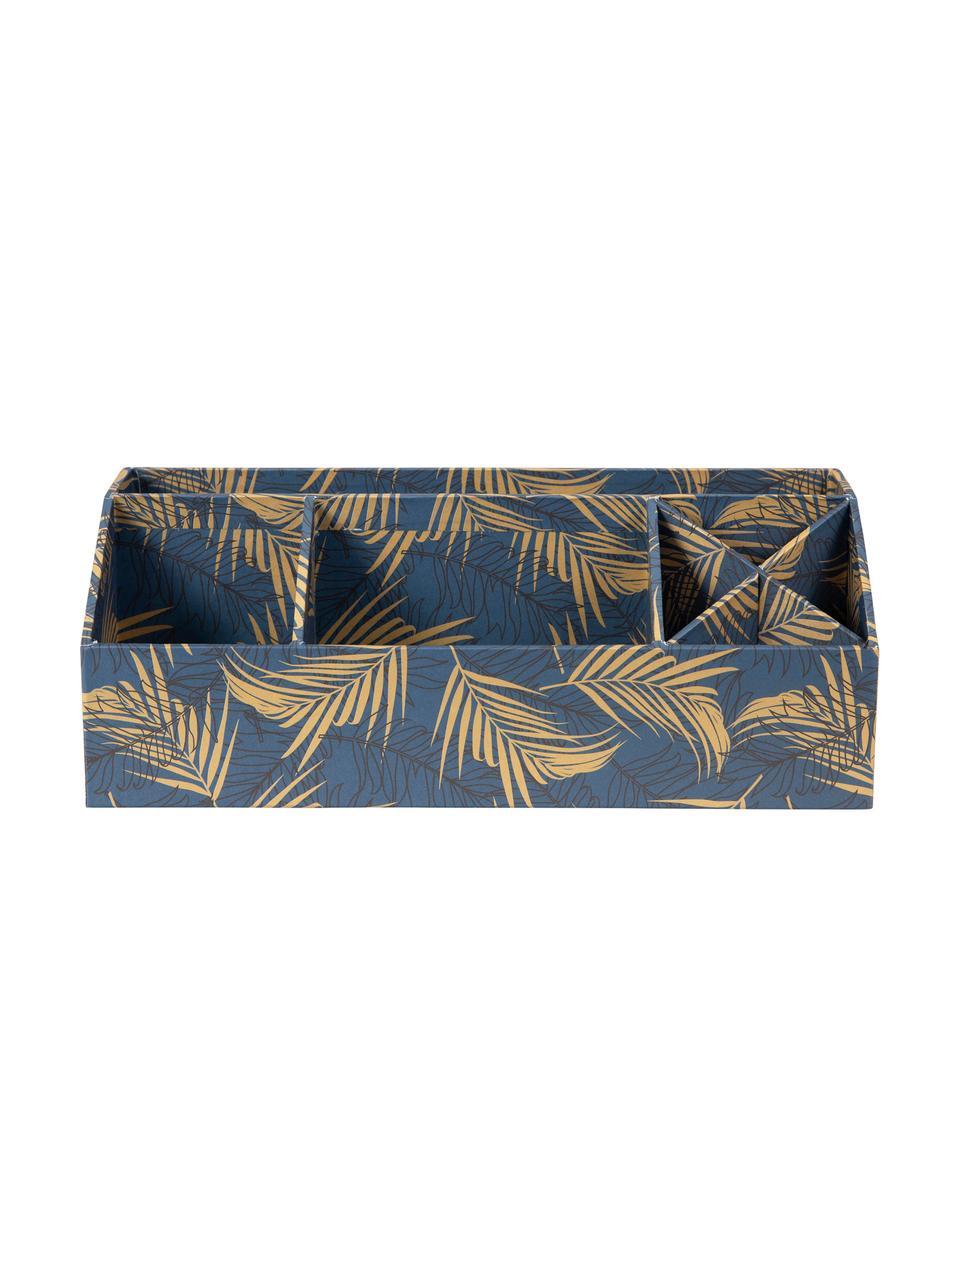 Organizer da ufficio Elisa, Solido, cartone laminato, Dorato, blu grigio, Larg. 33 x Alt. 13 cm